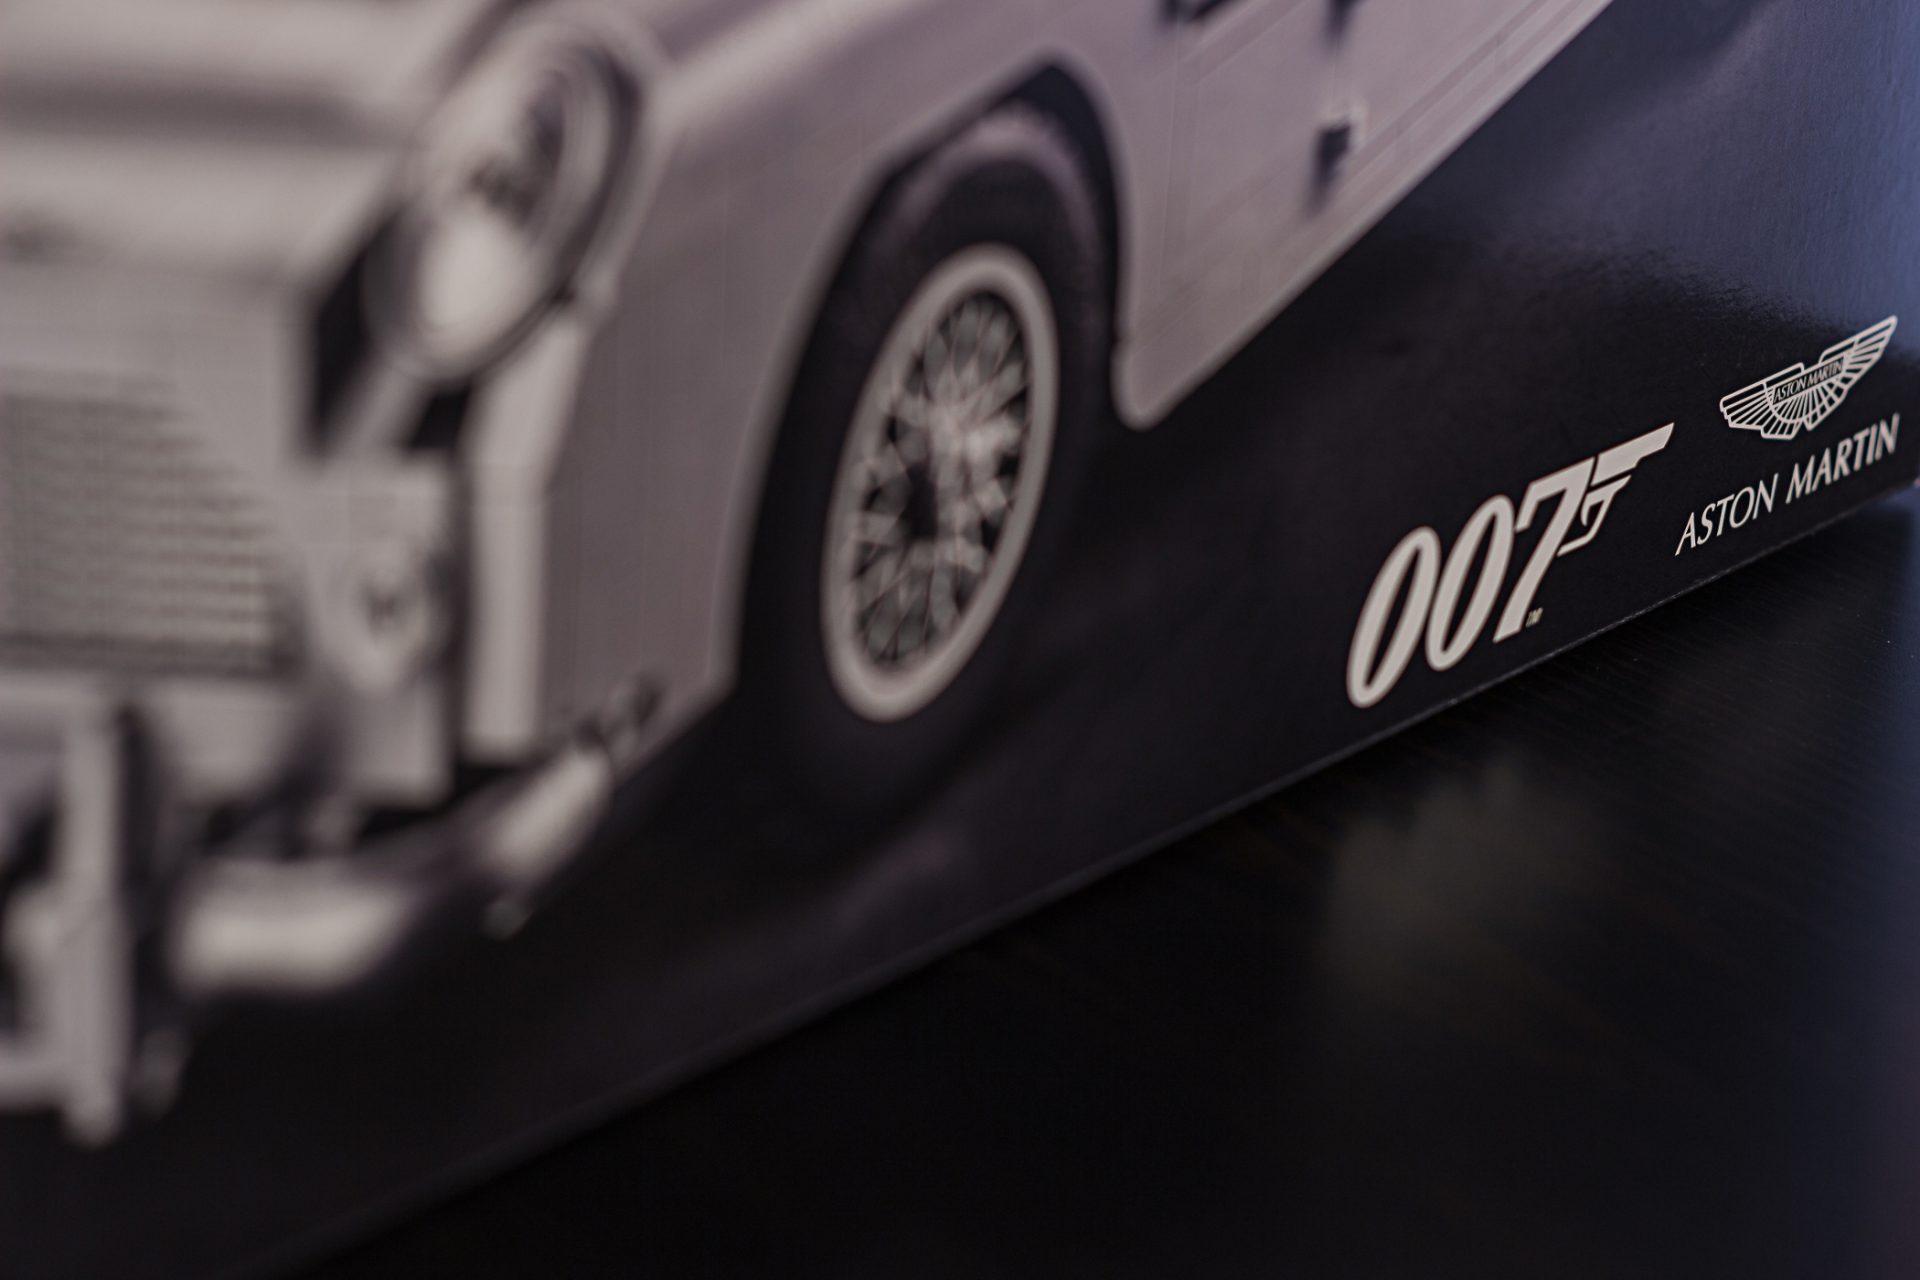 Aston Martin DB5 – 007, wir haben ein Problem